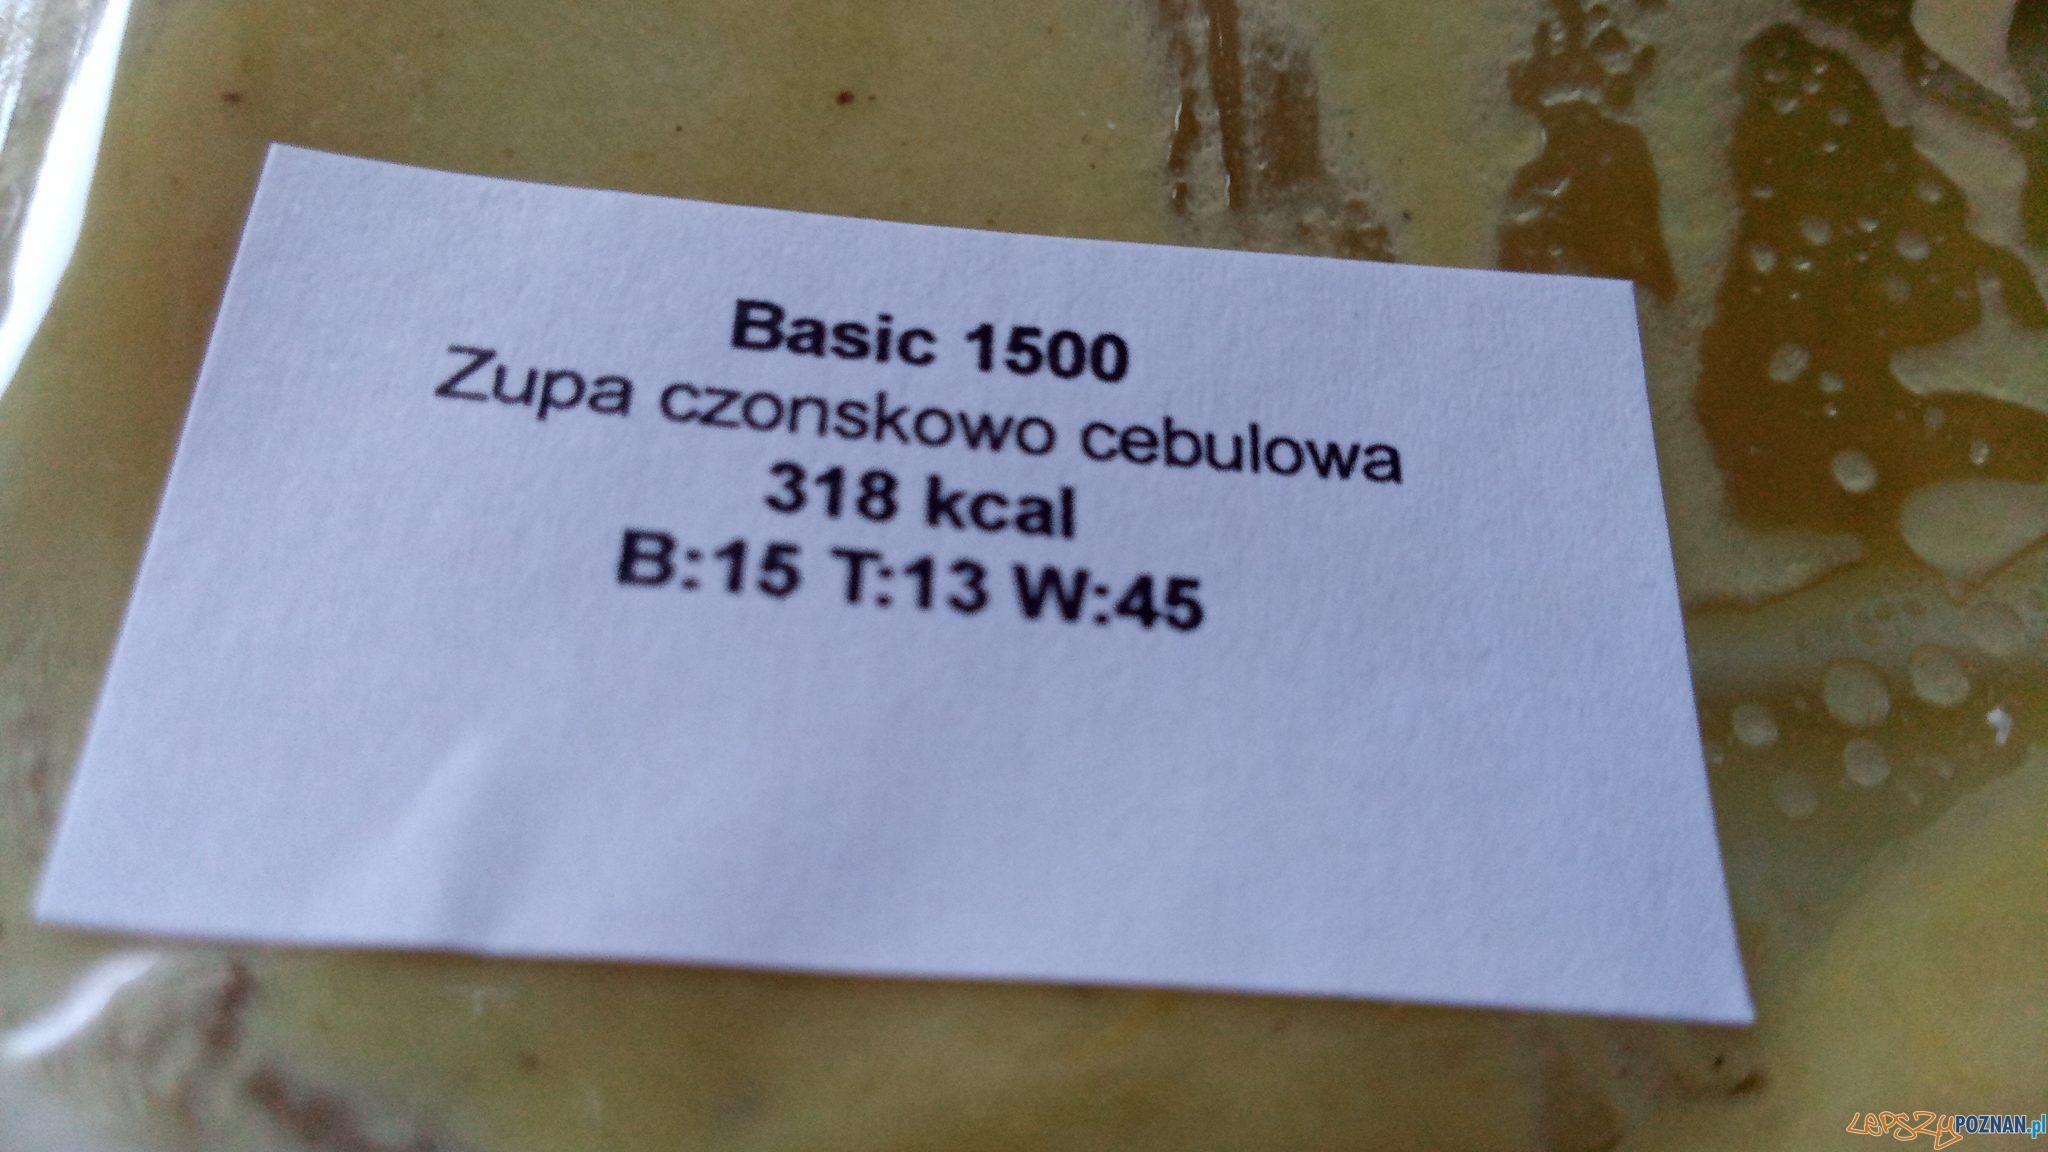 #NieMieszczeSieWKadrze  Foto: lepszyPOZNAN.pl / gsm